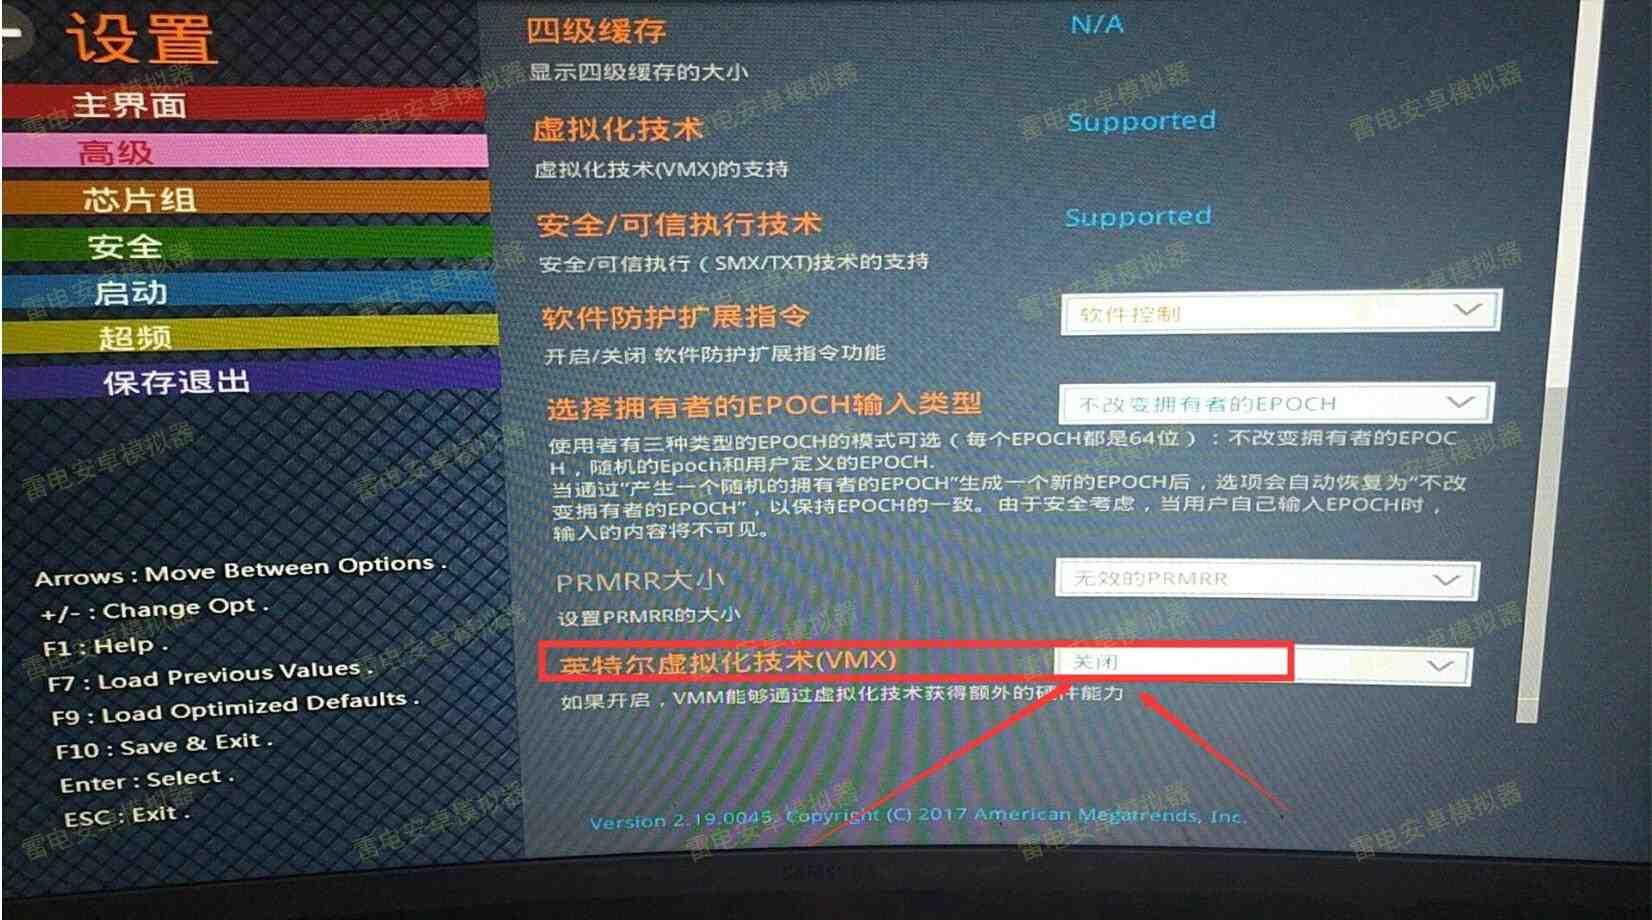 【雷電說明書】銘瑄主板開VT的BIOS設置方法